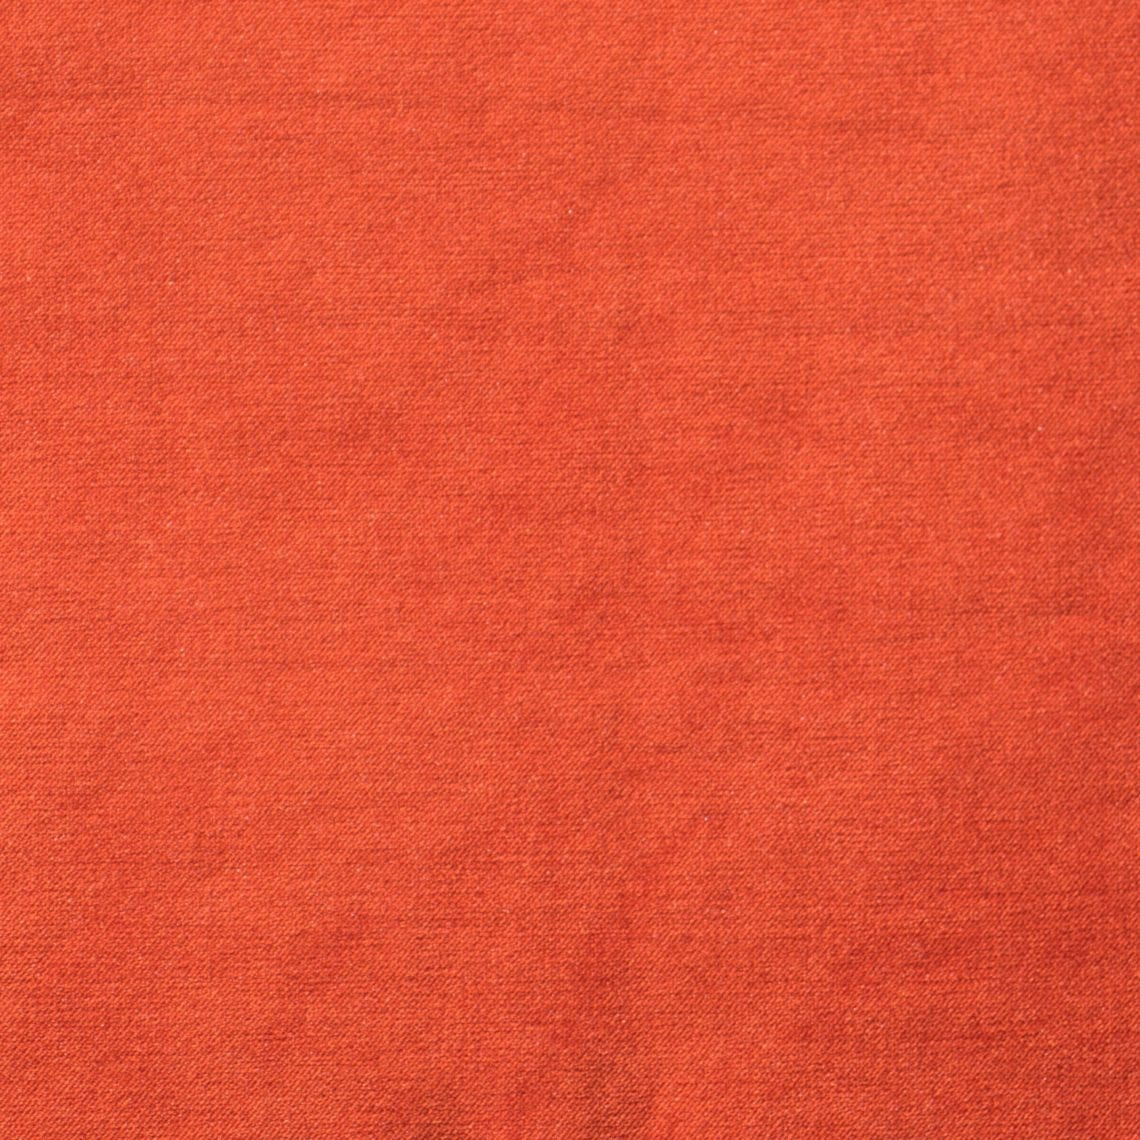 De fel oranje meubelstof Diamand Sympony